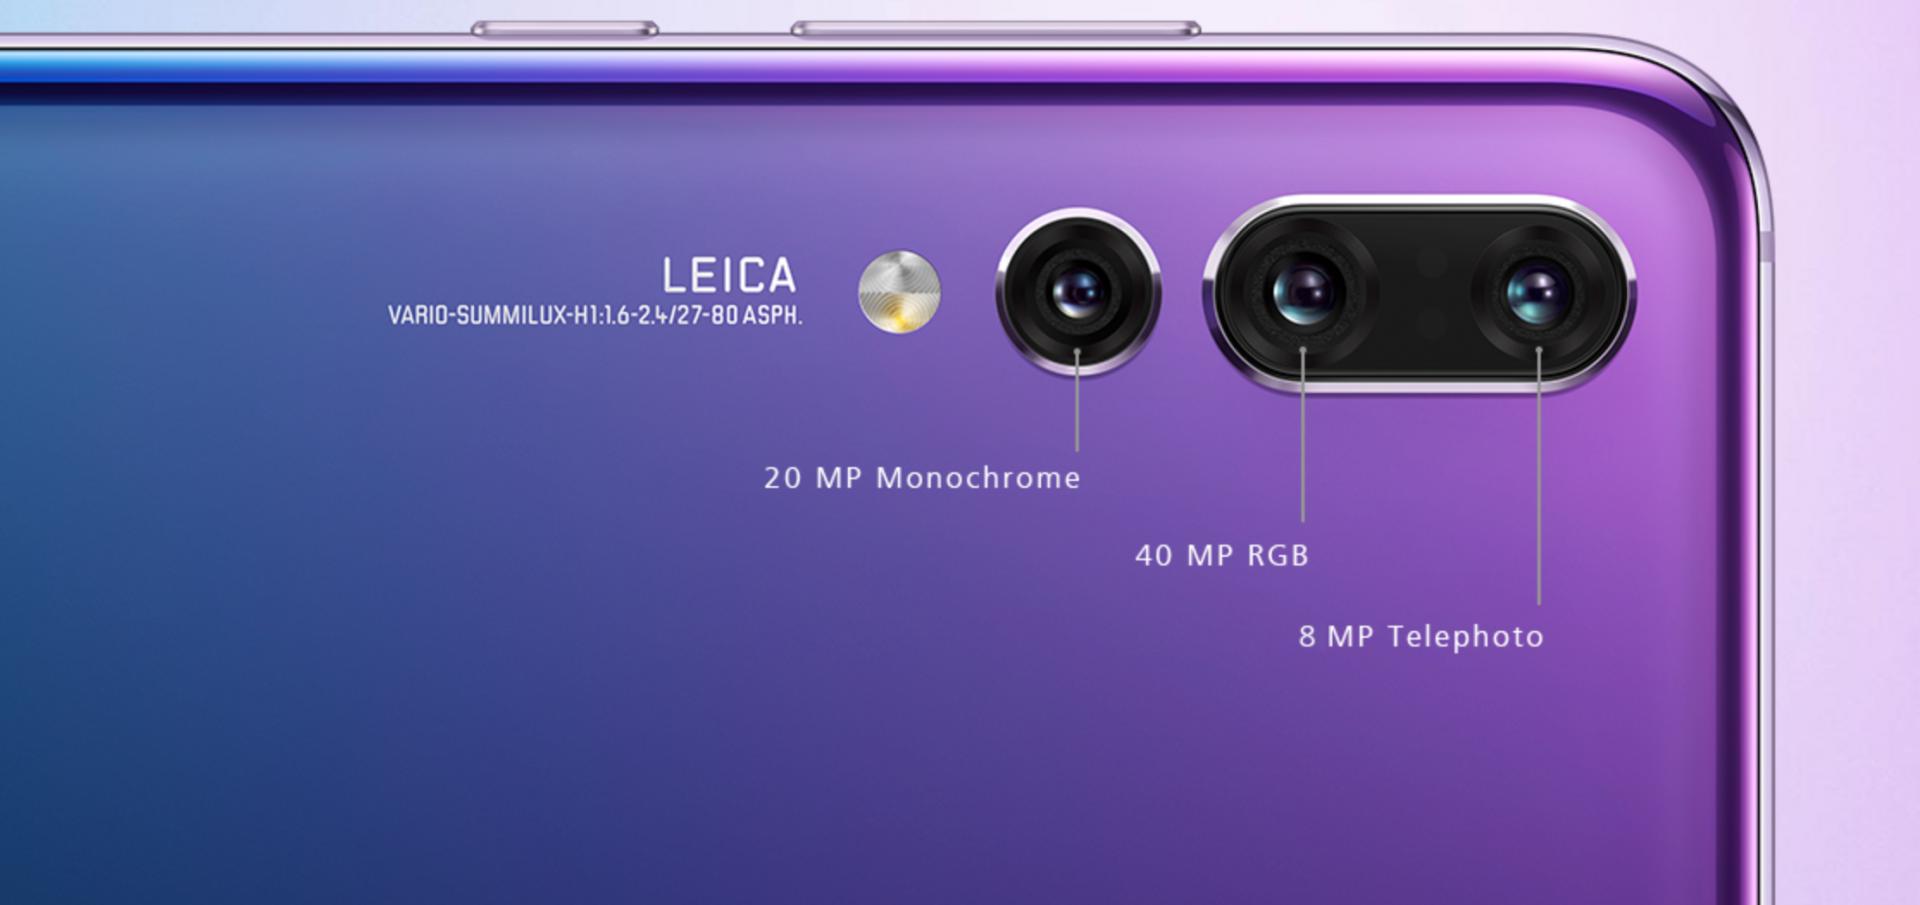 Il P20 Pro di Huawei : tripla fotocamera e risoluzione da 40 MP